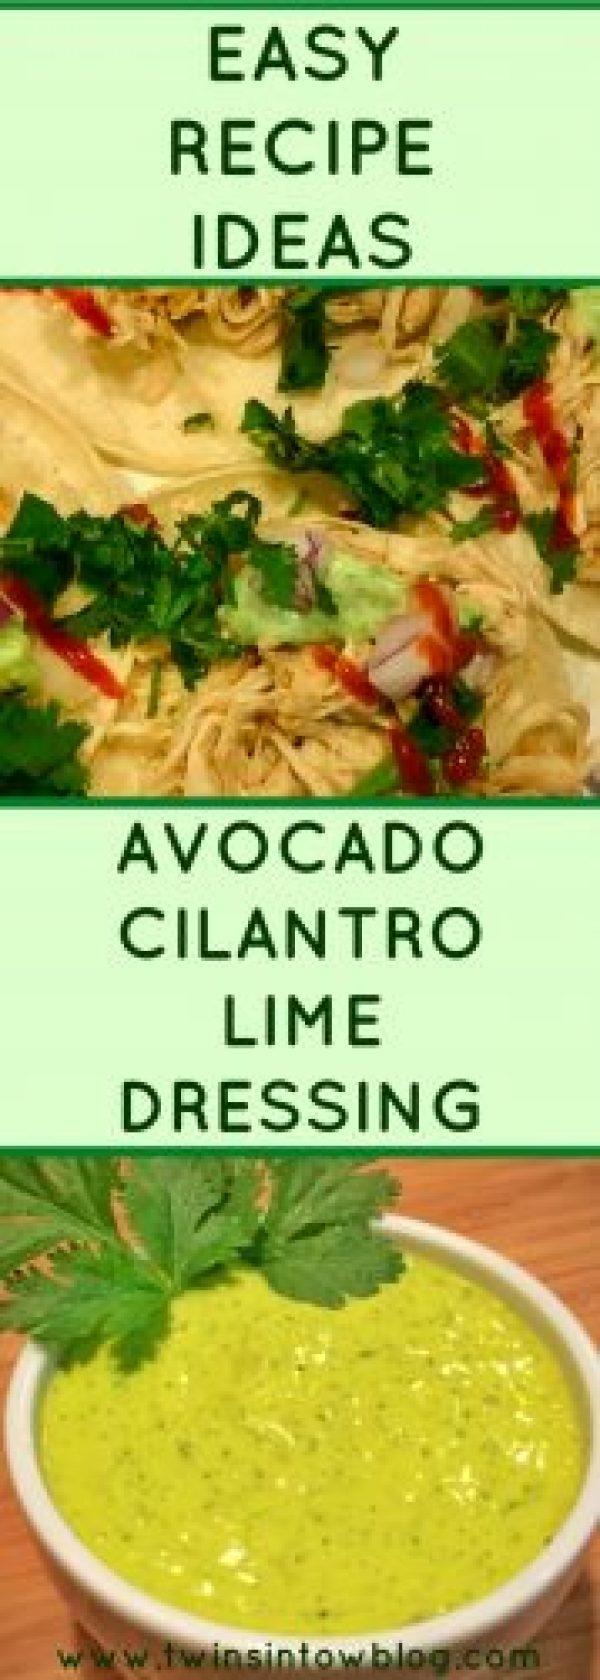 AVOCADO CILANTRO LIME DRESSING